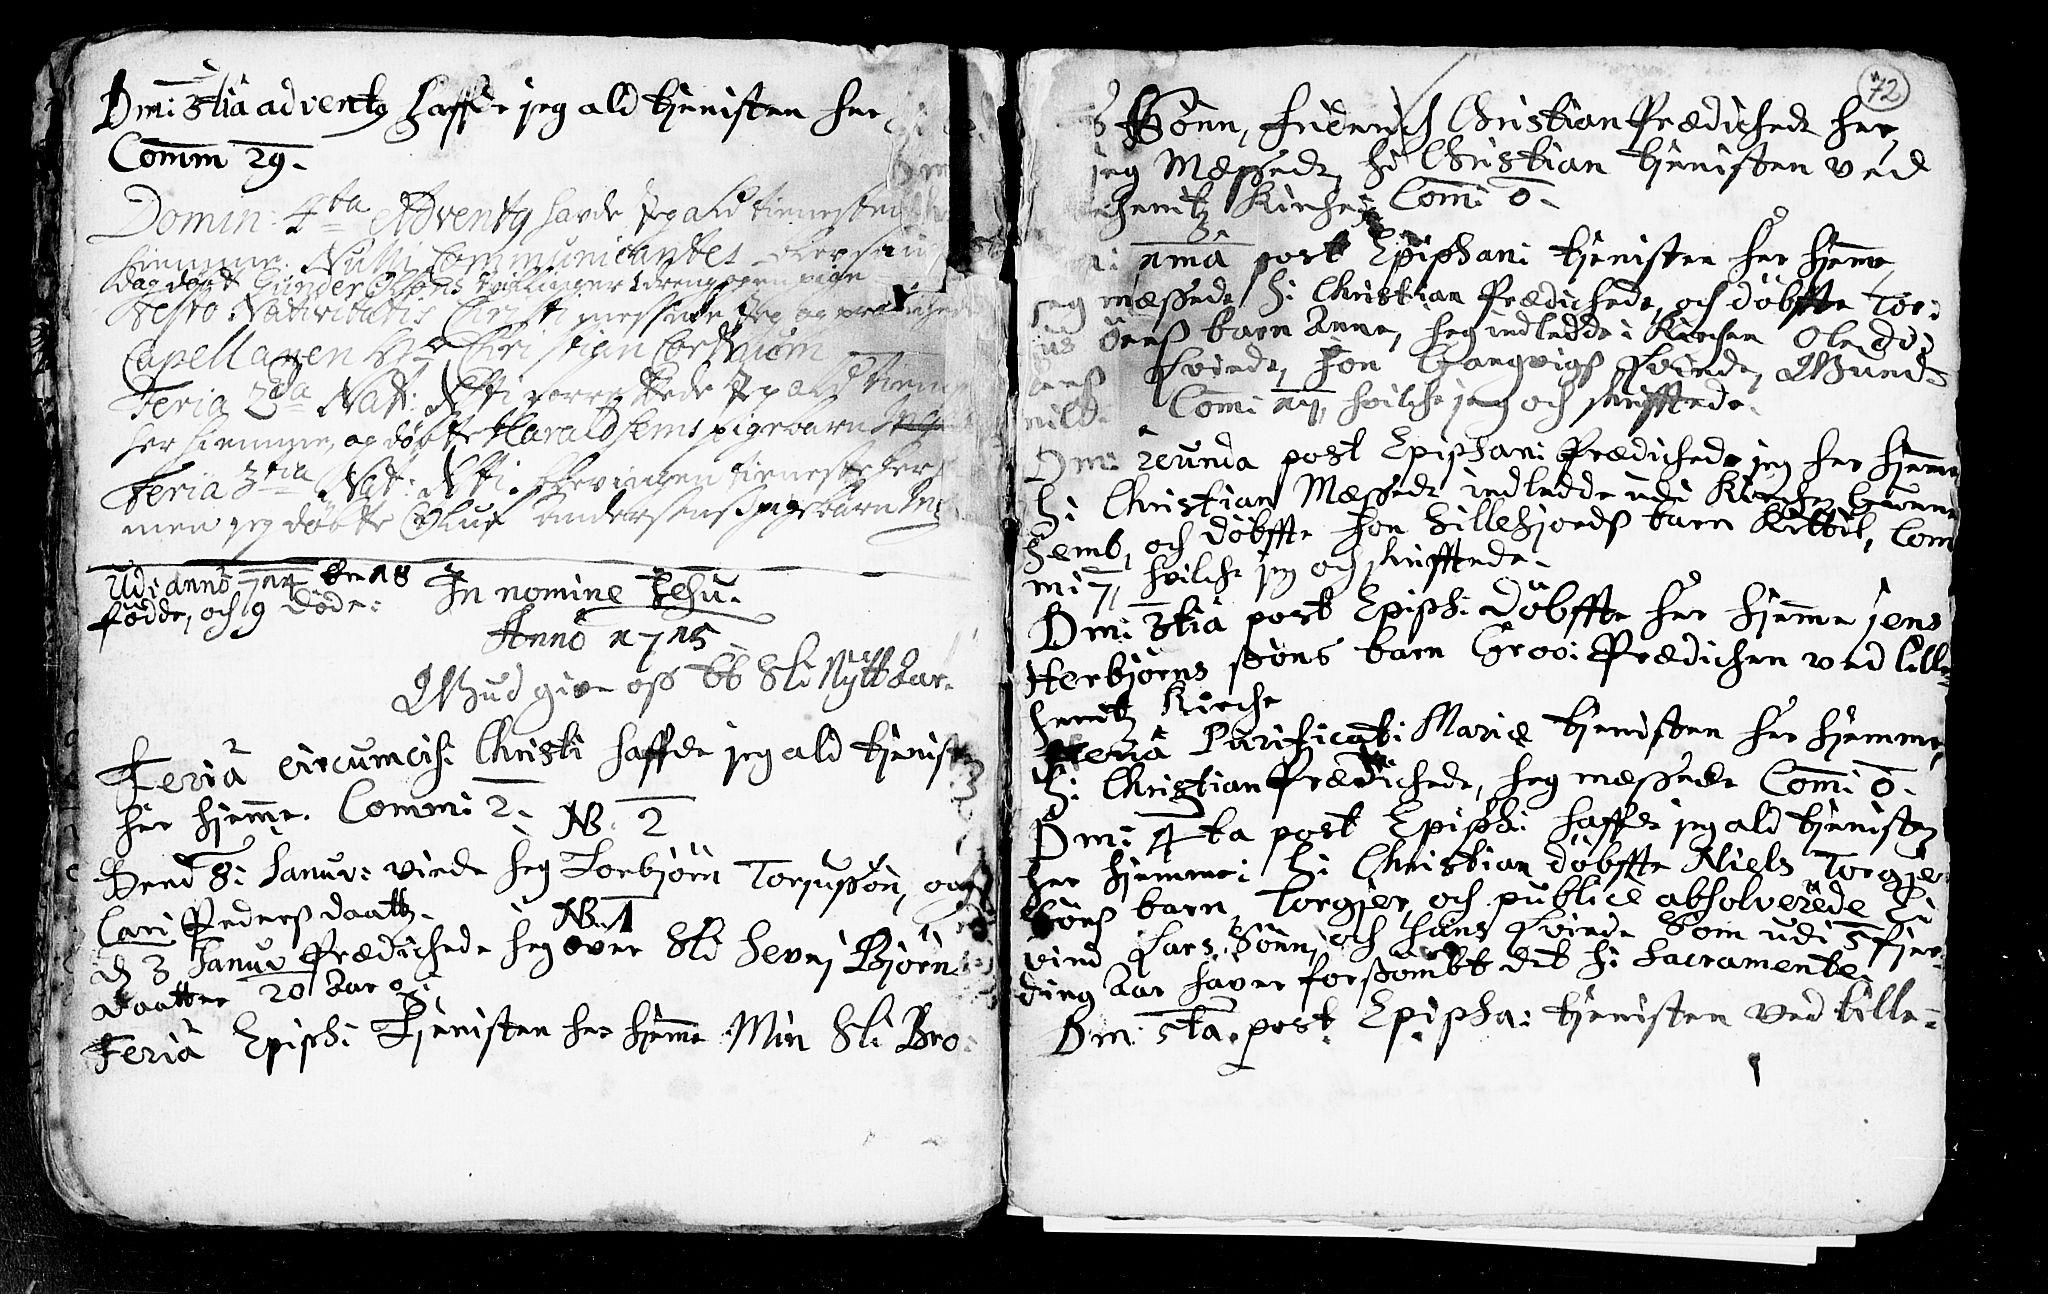 SAKO, Heddal kirkebøker, F/Fa/L0002: Ministerialbok nr. I 2, 1699-1722, s. 72